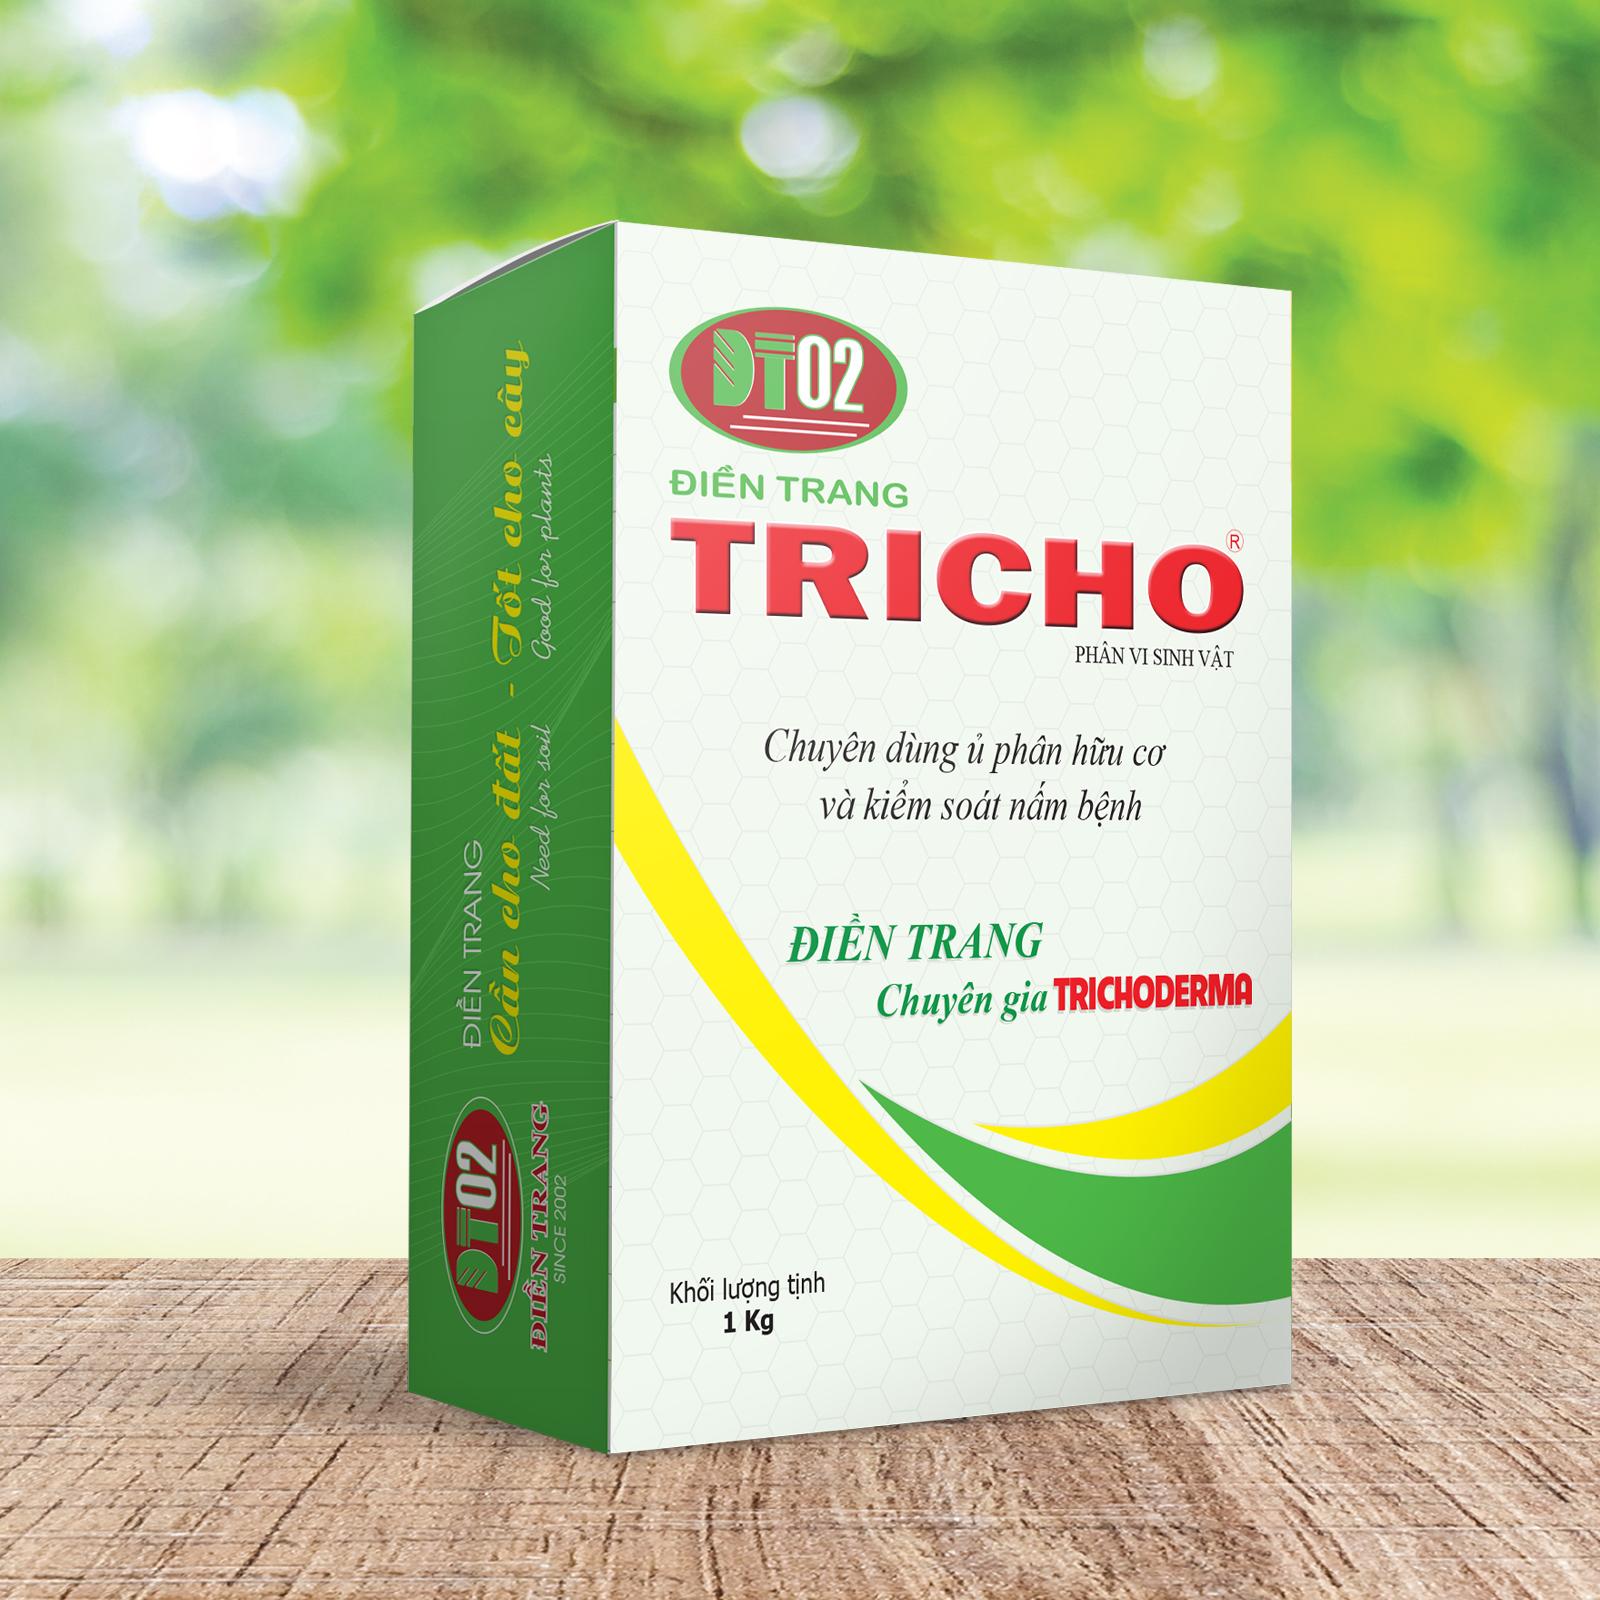 Combo 3 hộp Trichoderma Ngăn Ngừa Nấm Bệnh 1Kg + 3 hũ Phân Bón Lá TRIMIX-DT Siêu Ra Rễ 120g